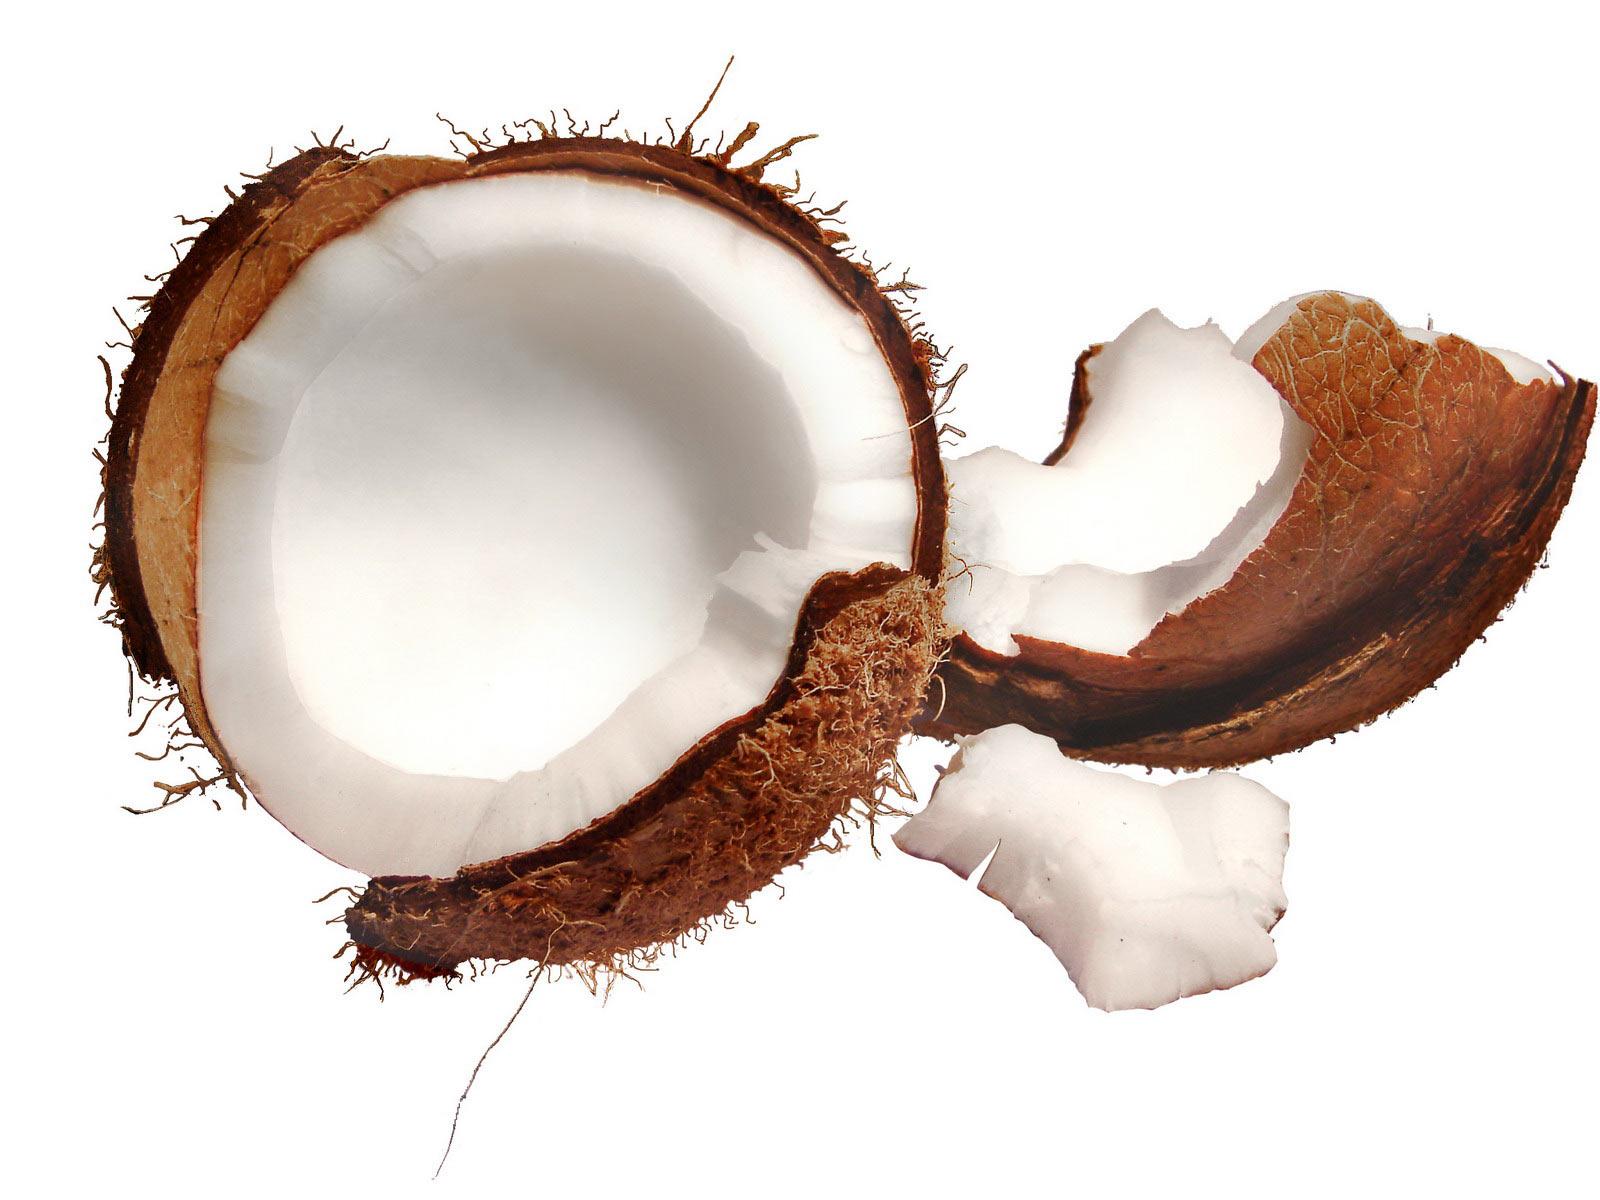 primena ulja od kokosa za spremanje hrane